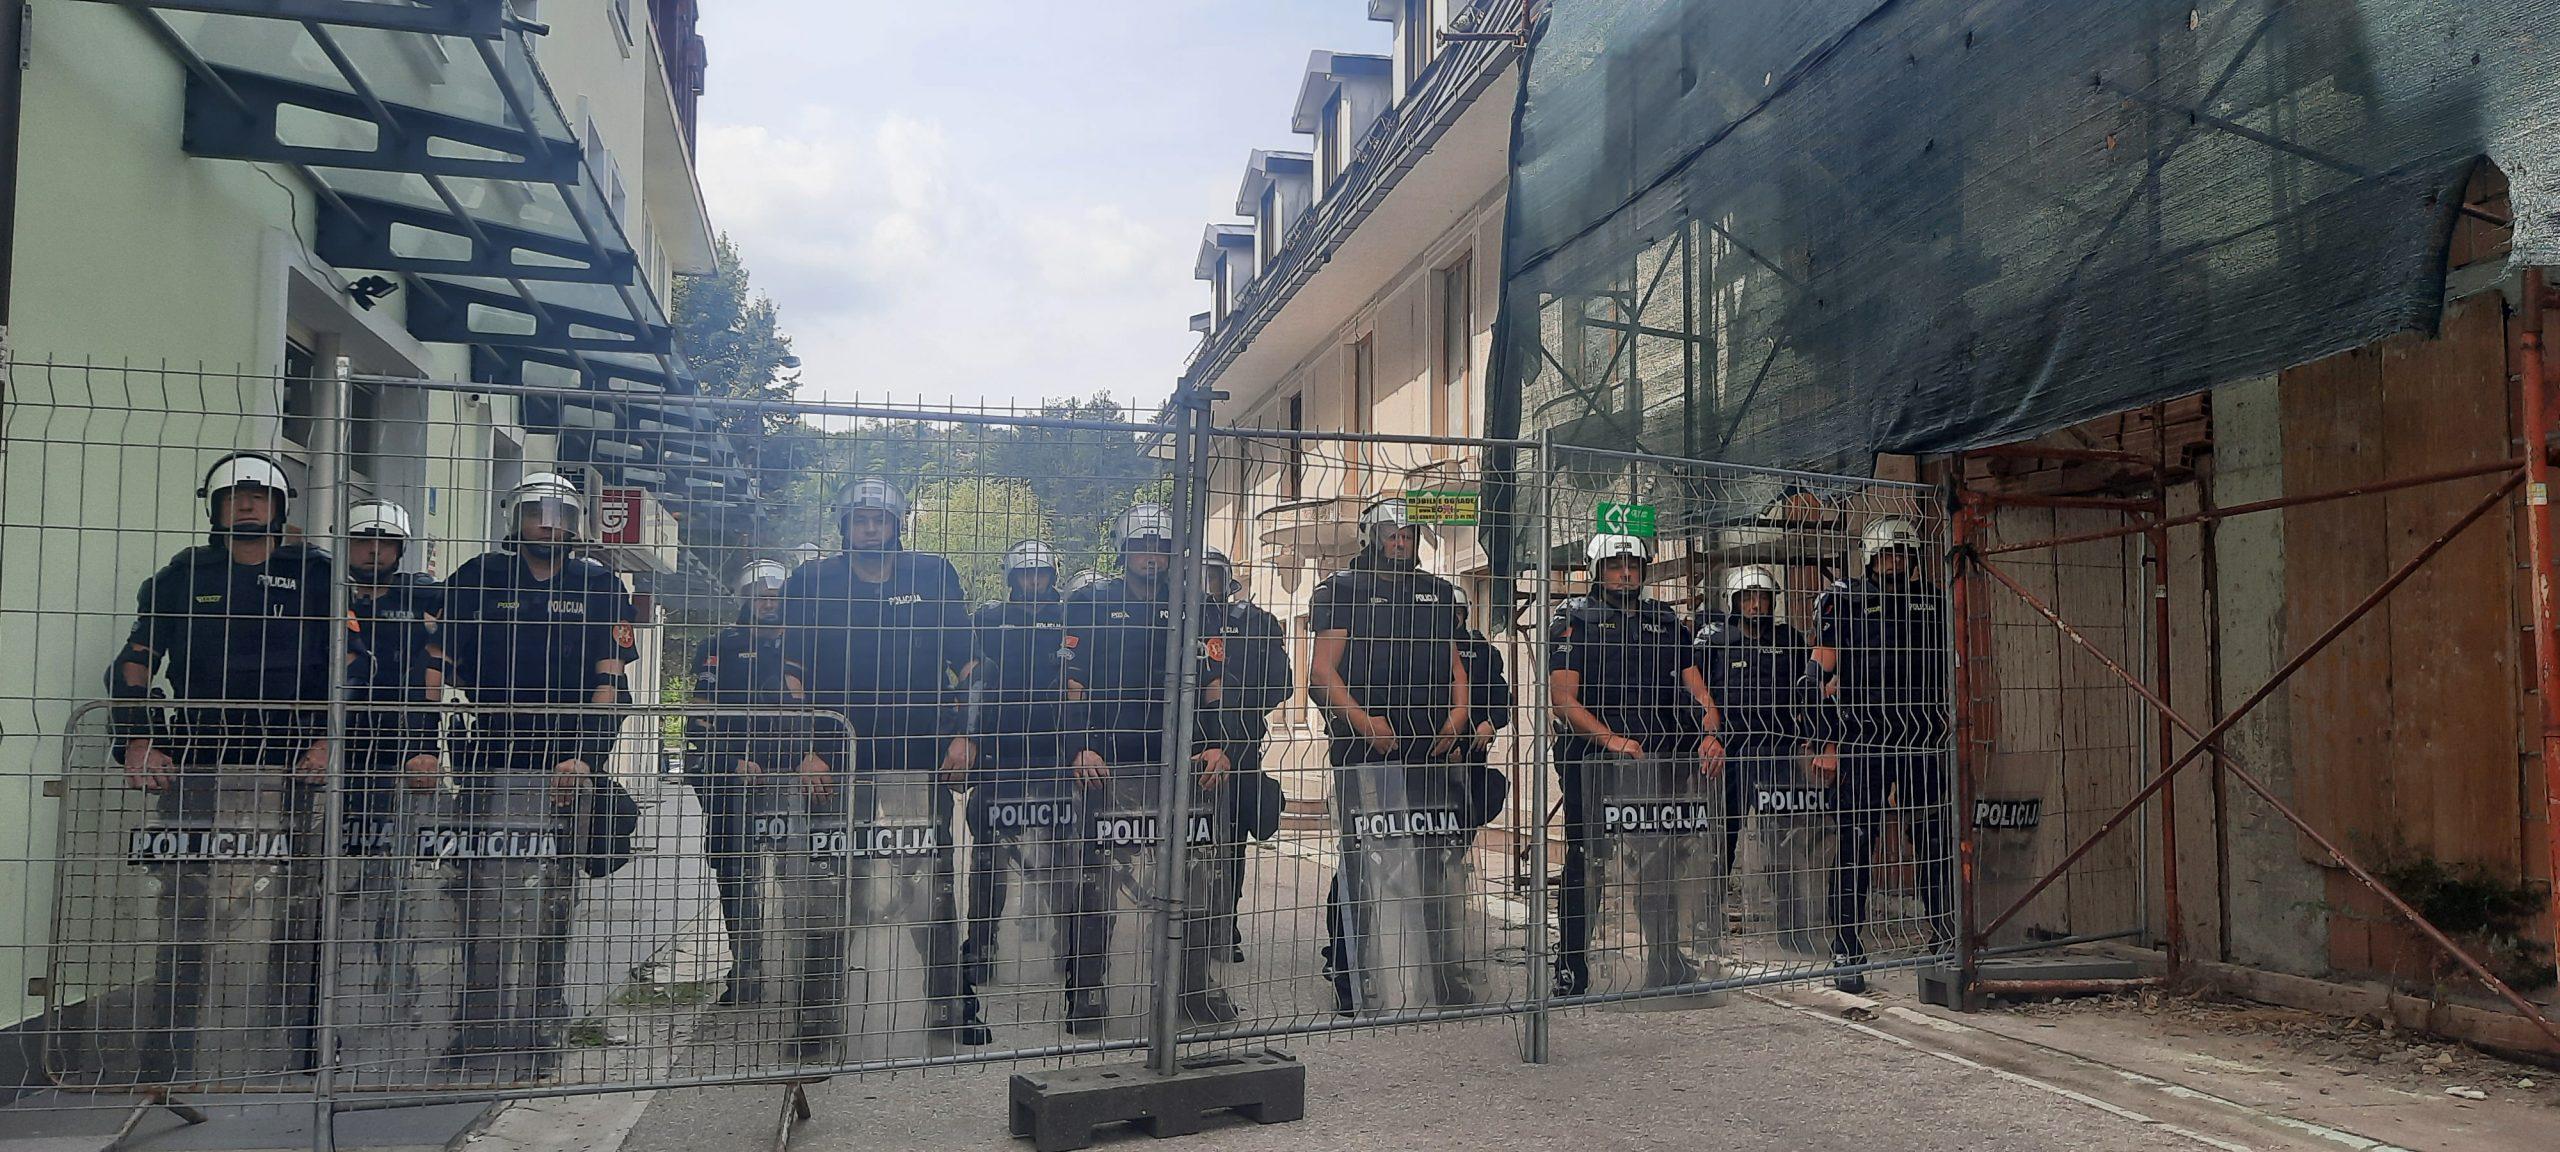 Crna Gora, Cetinje 04.09.2021. Dan pred ustoličenje mitropolita Joanikija